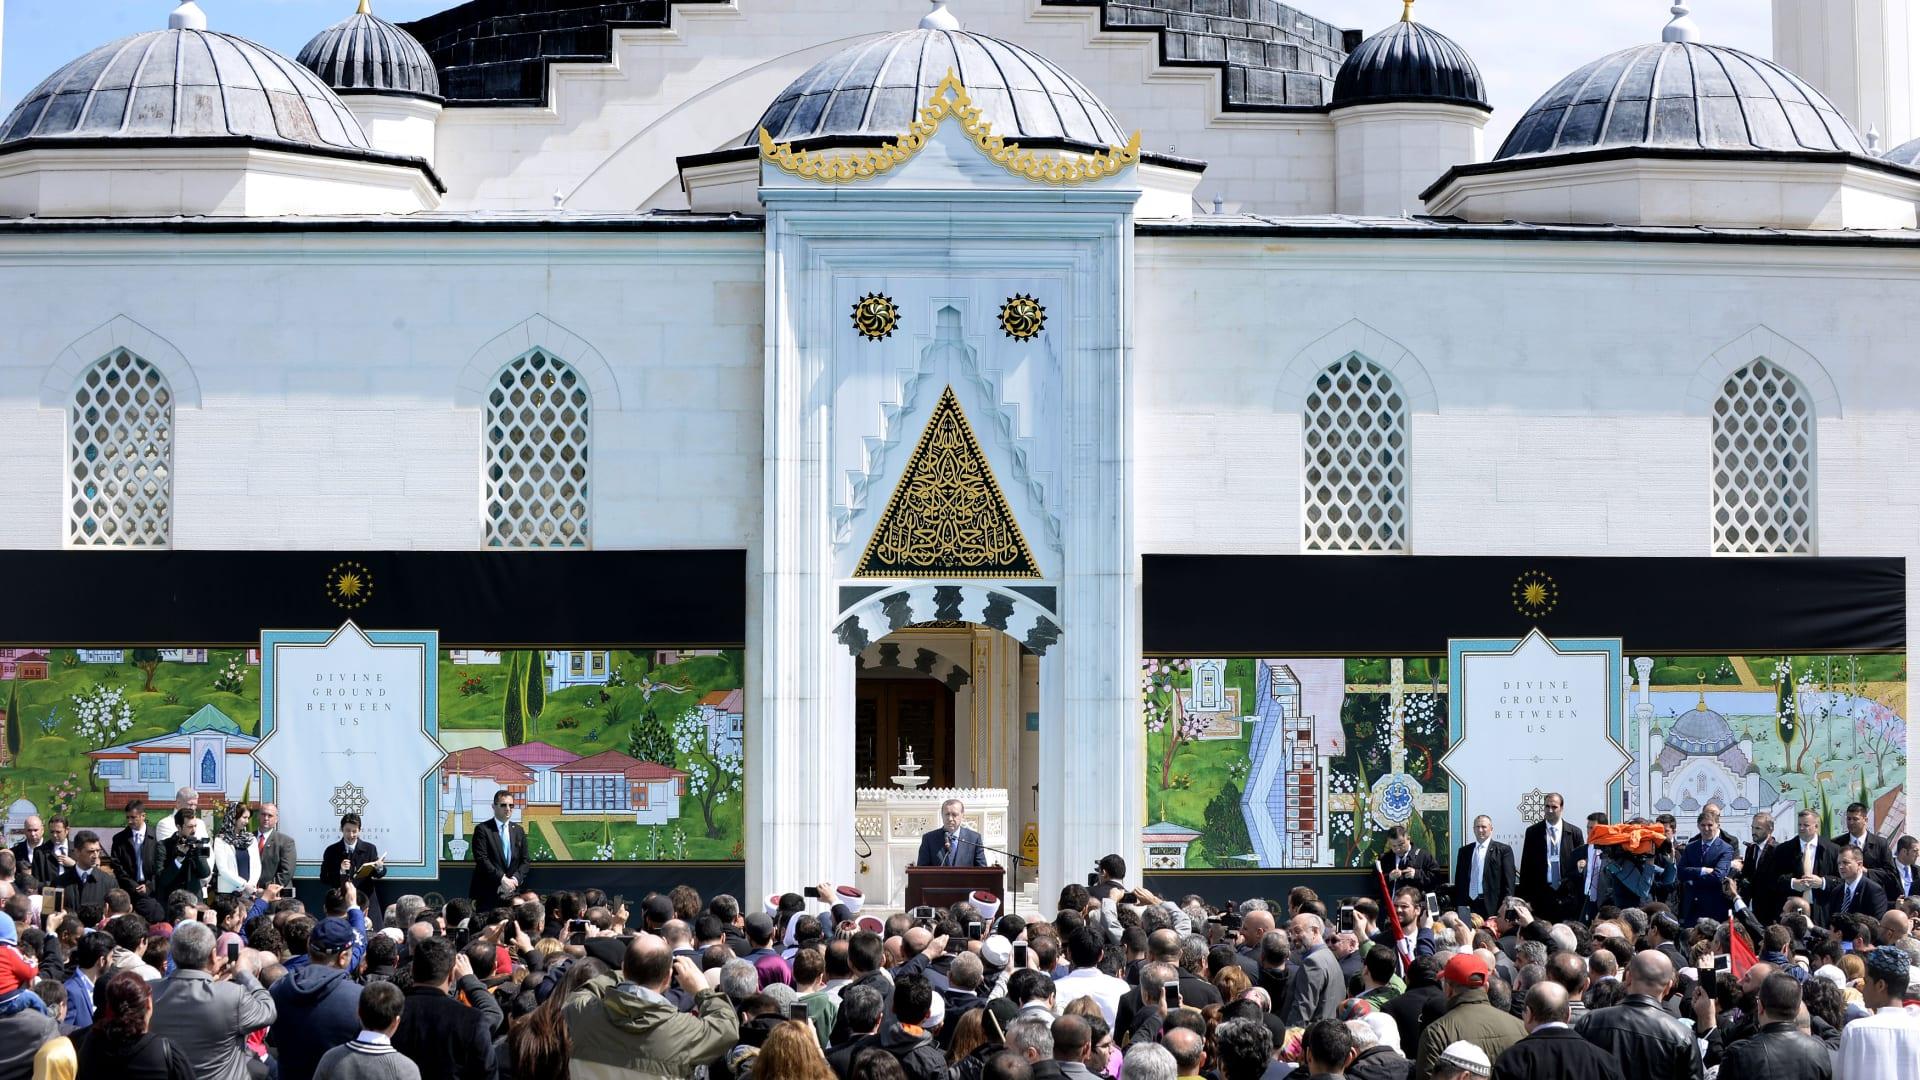 بالصور: لمحات من الإمبراطورية العثمانية قرب واشنطن.. أردوغان يفتتح مسجدا في ولاية ماريلاند الأمريكية